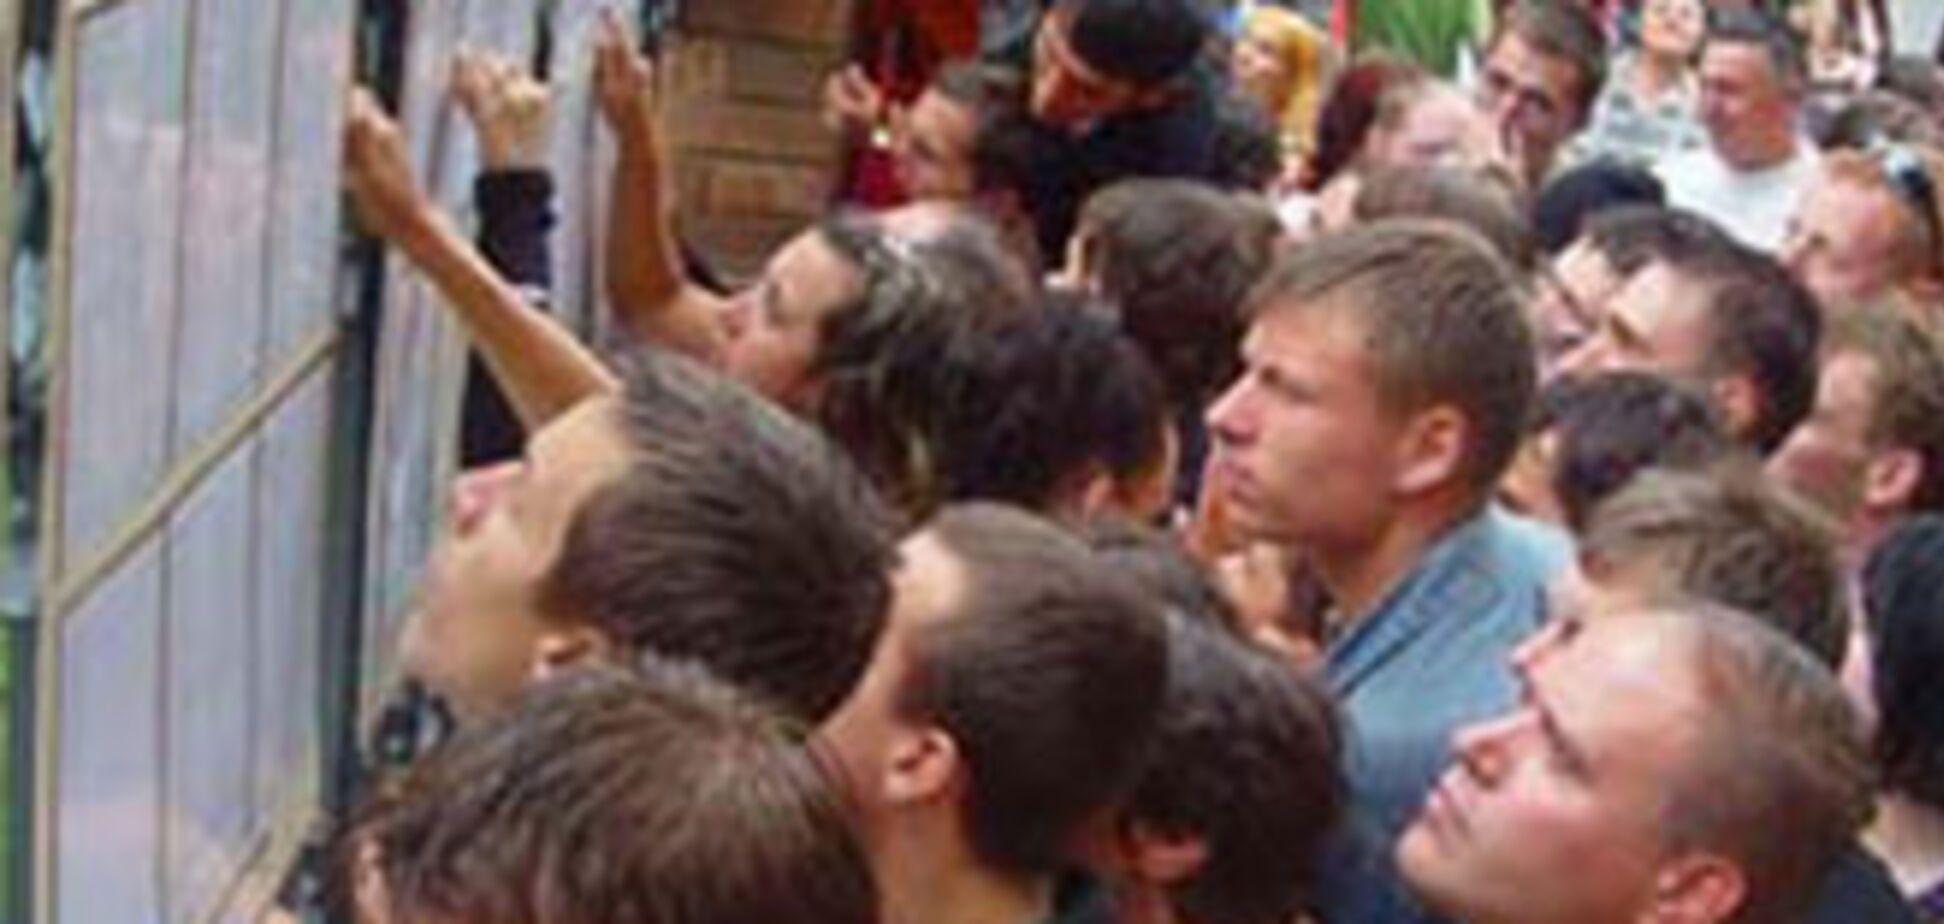 Міносвіти перевірить інформацію про липові призерах